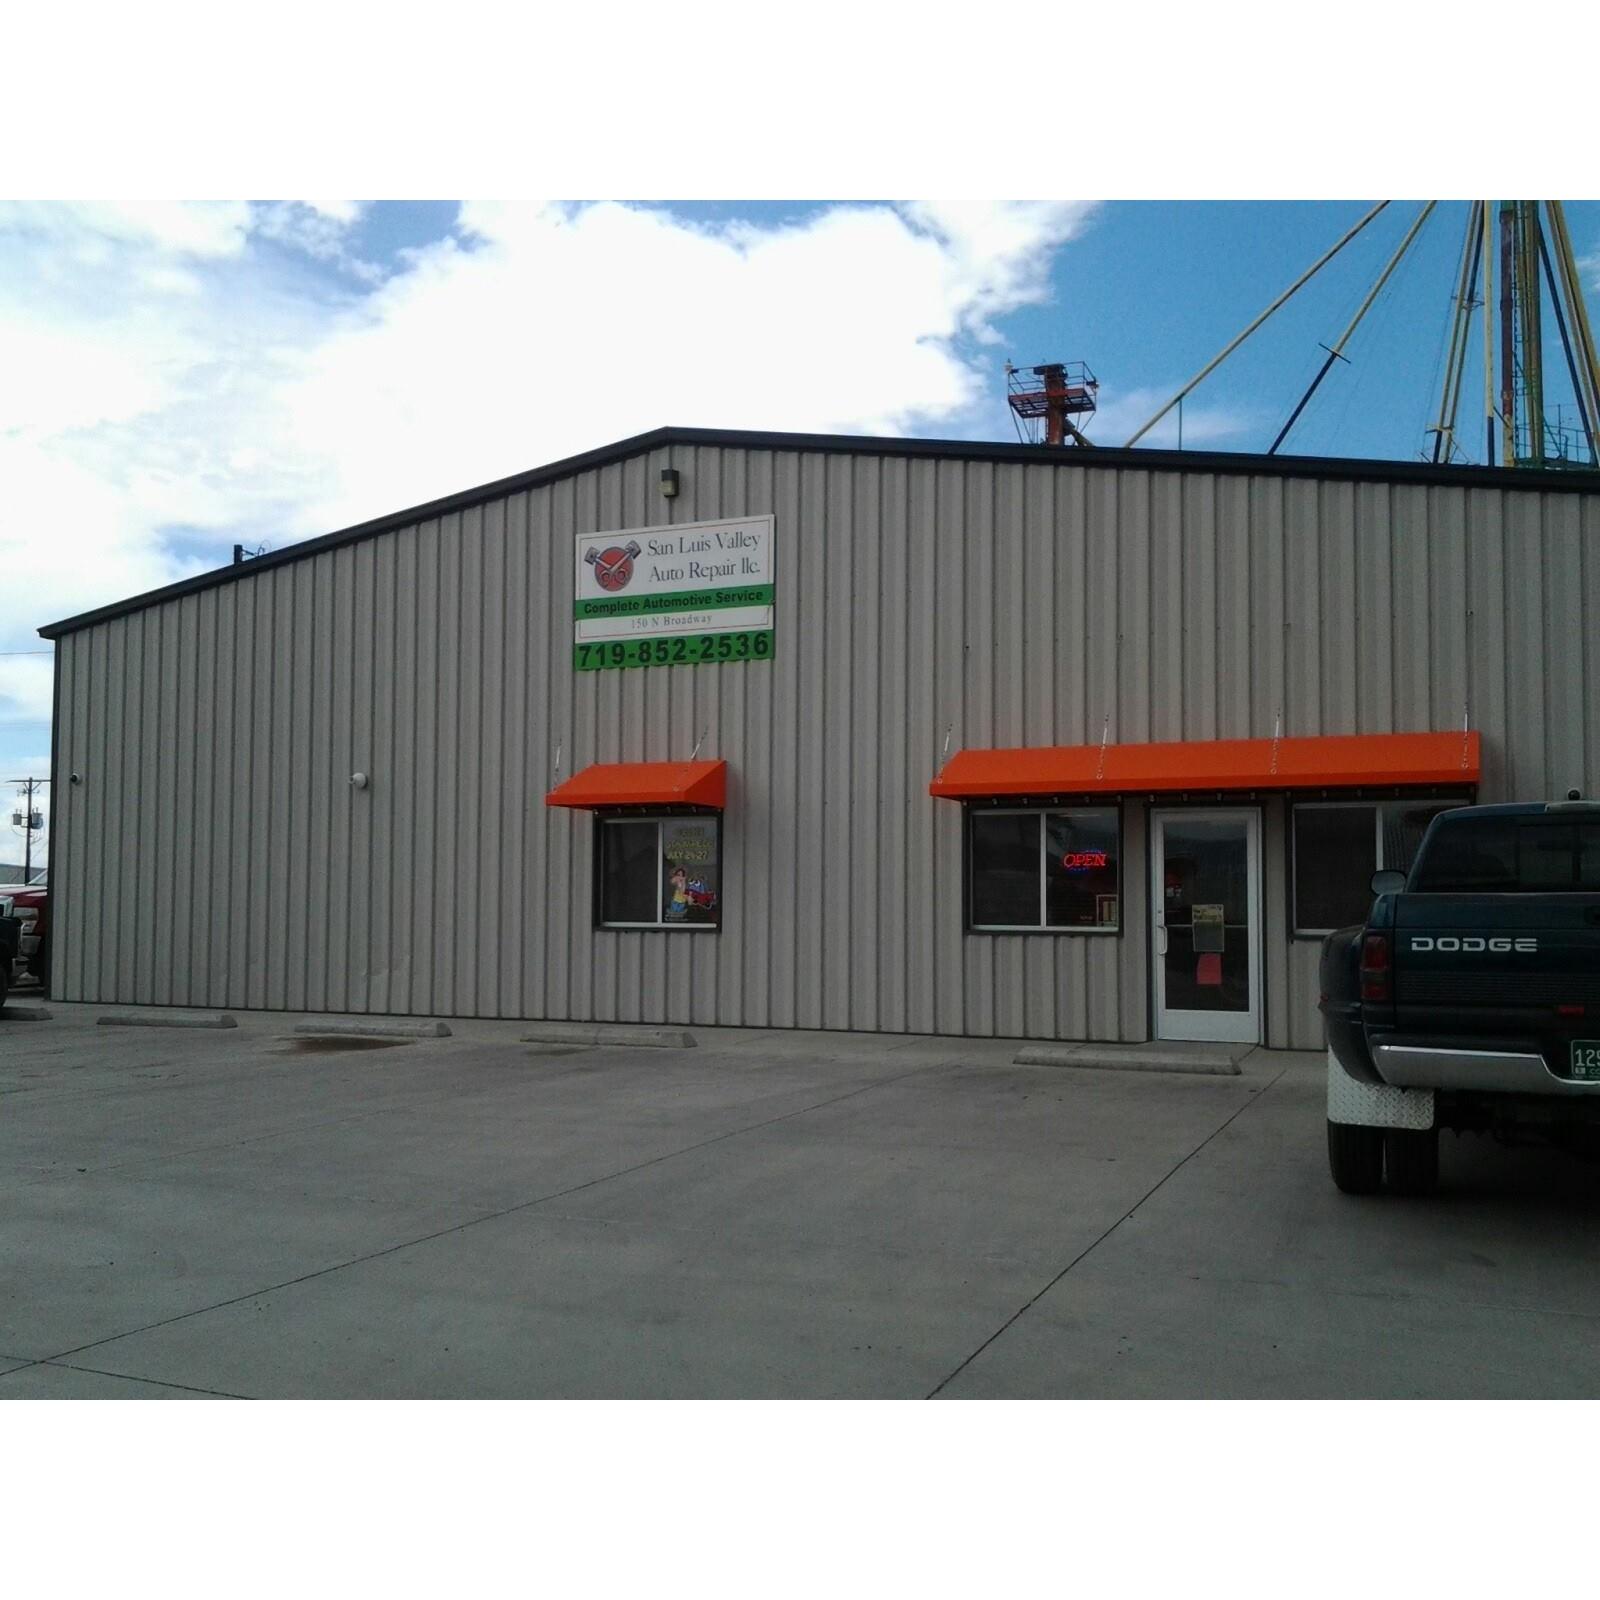 San Luis Valley Auto Repair - Monte Vista, CO - General Auto Repair & Service